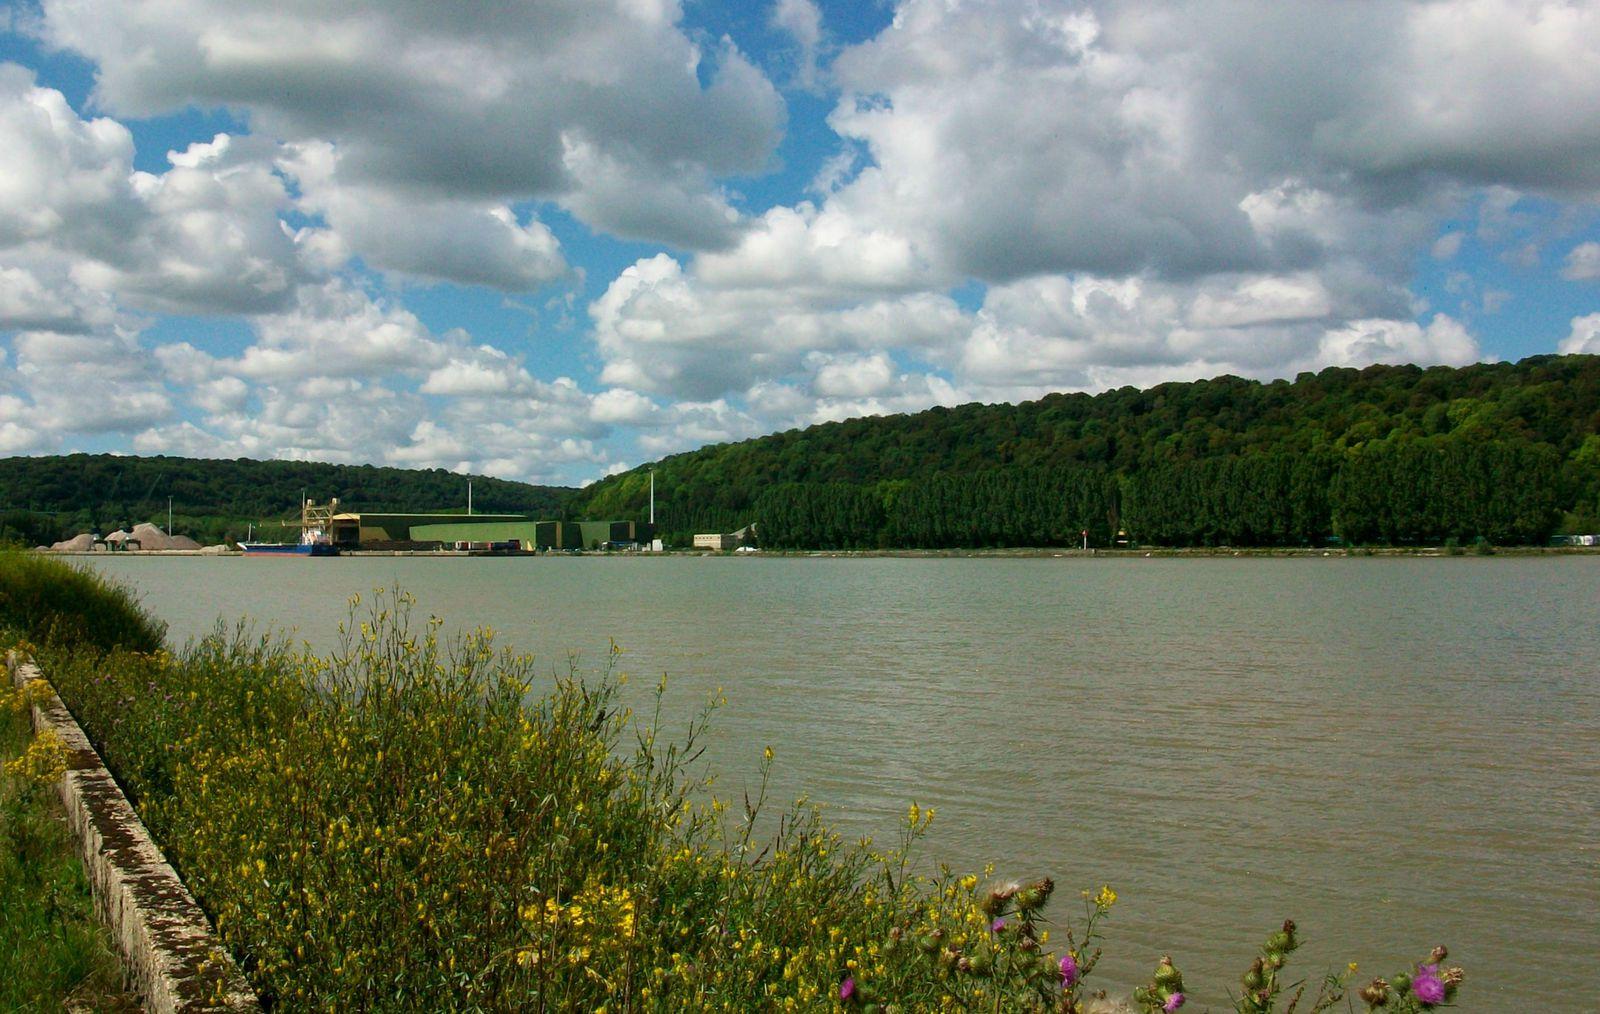 l'activité industrielle  de St Wandrille, commune de Rives-en-Seine, rive droite